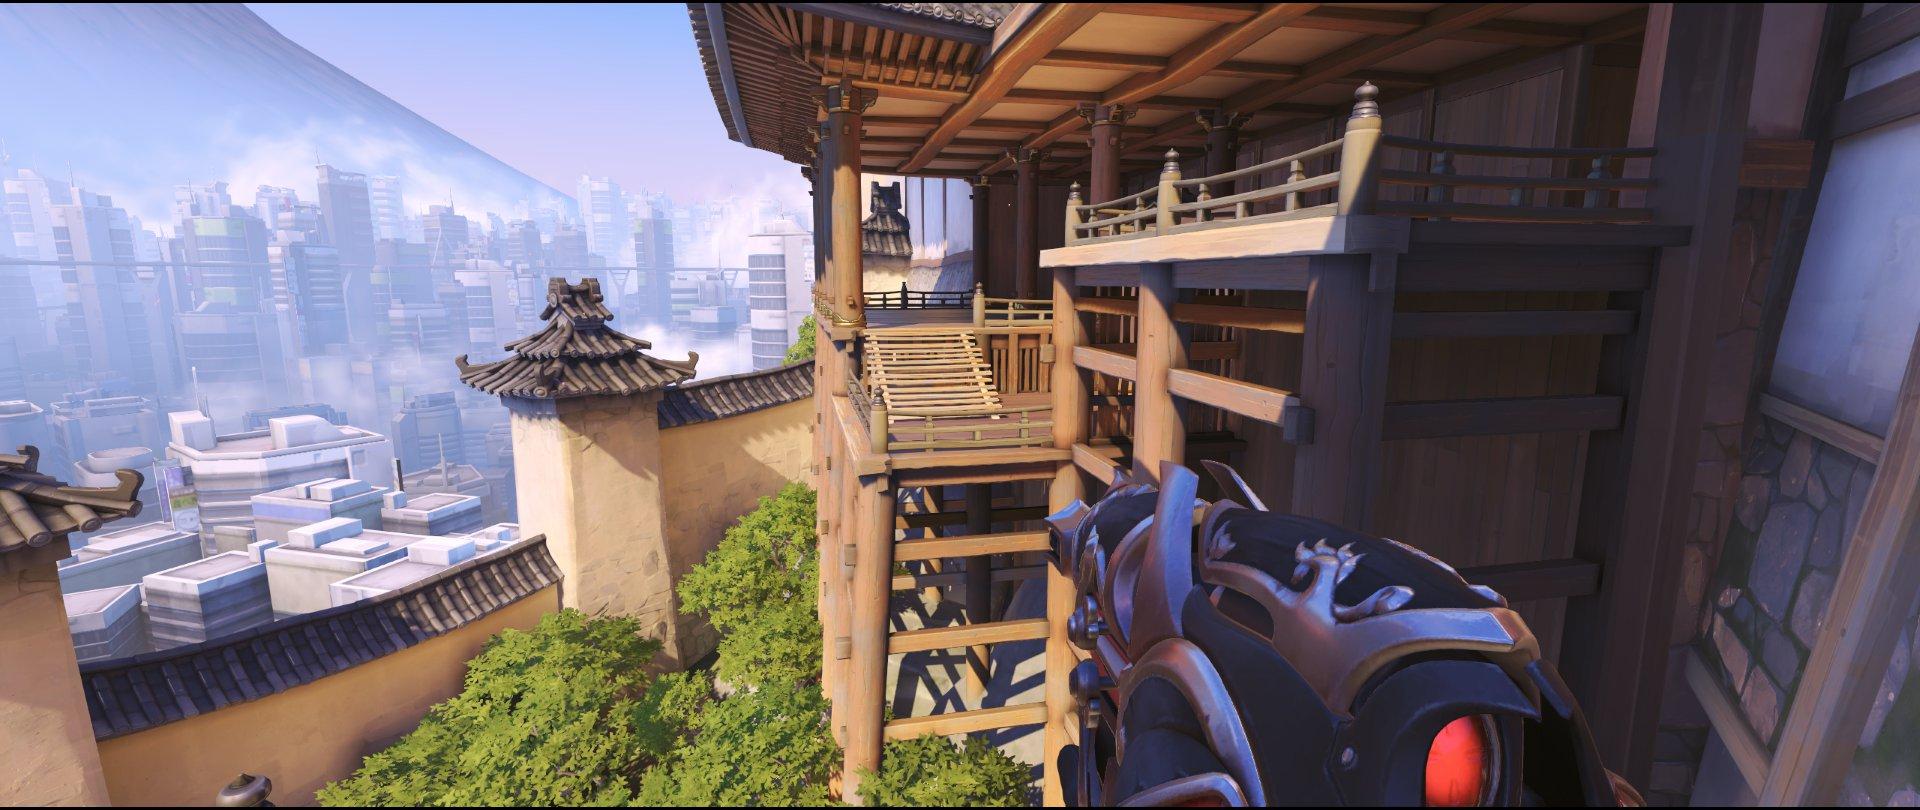 Porch attack Widowmaker sniping spot Hanamura Overwatch.jpg